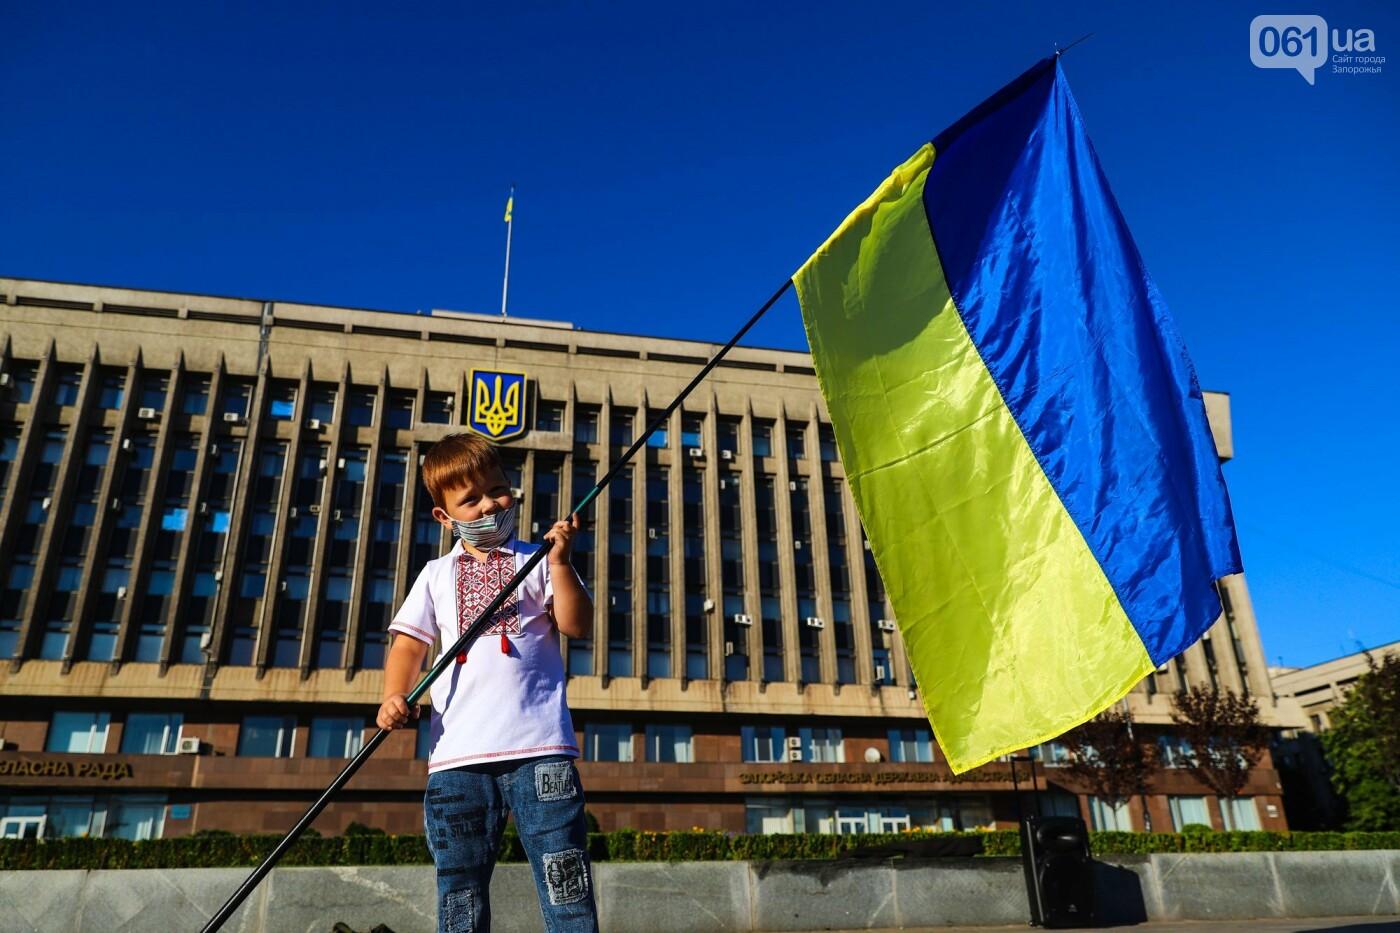 Фестивали, праздники, приезд Зеленского и ночная стройка мостов: август в фотографиях , фото-66